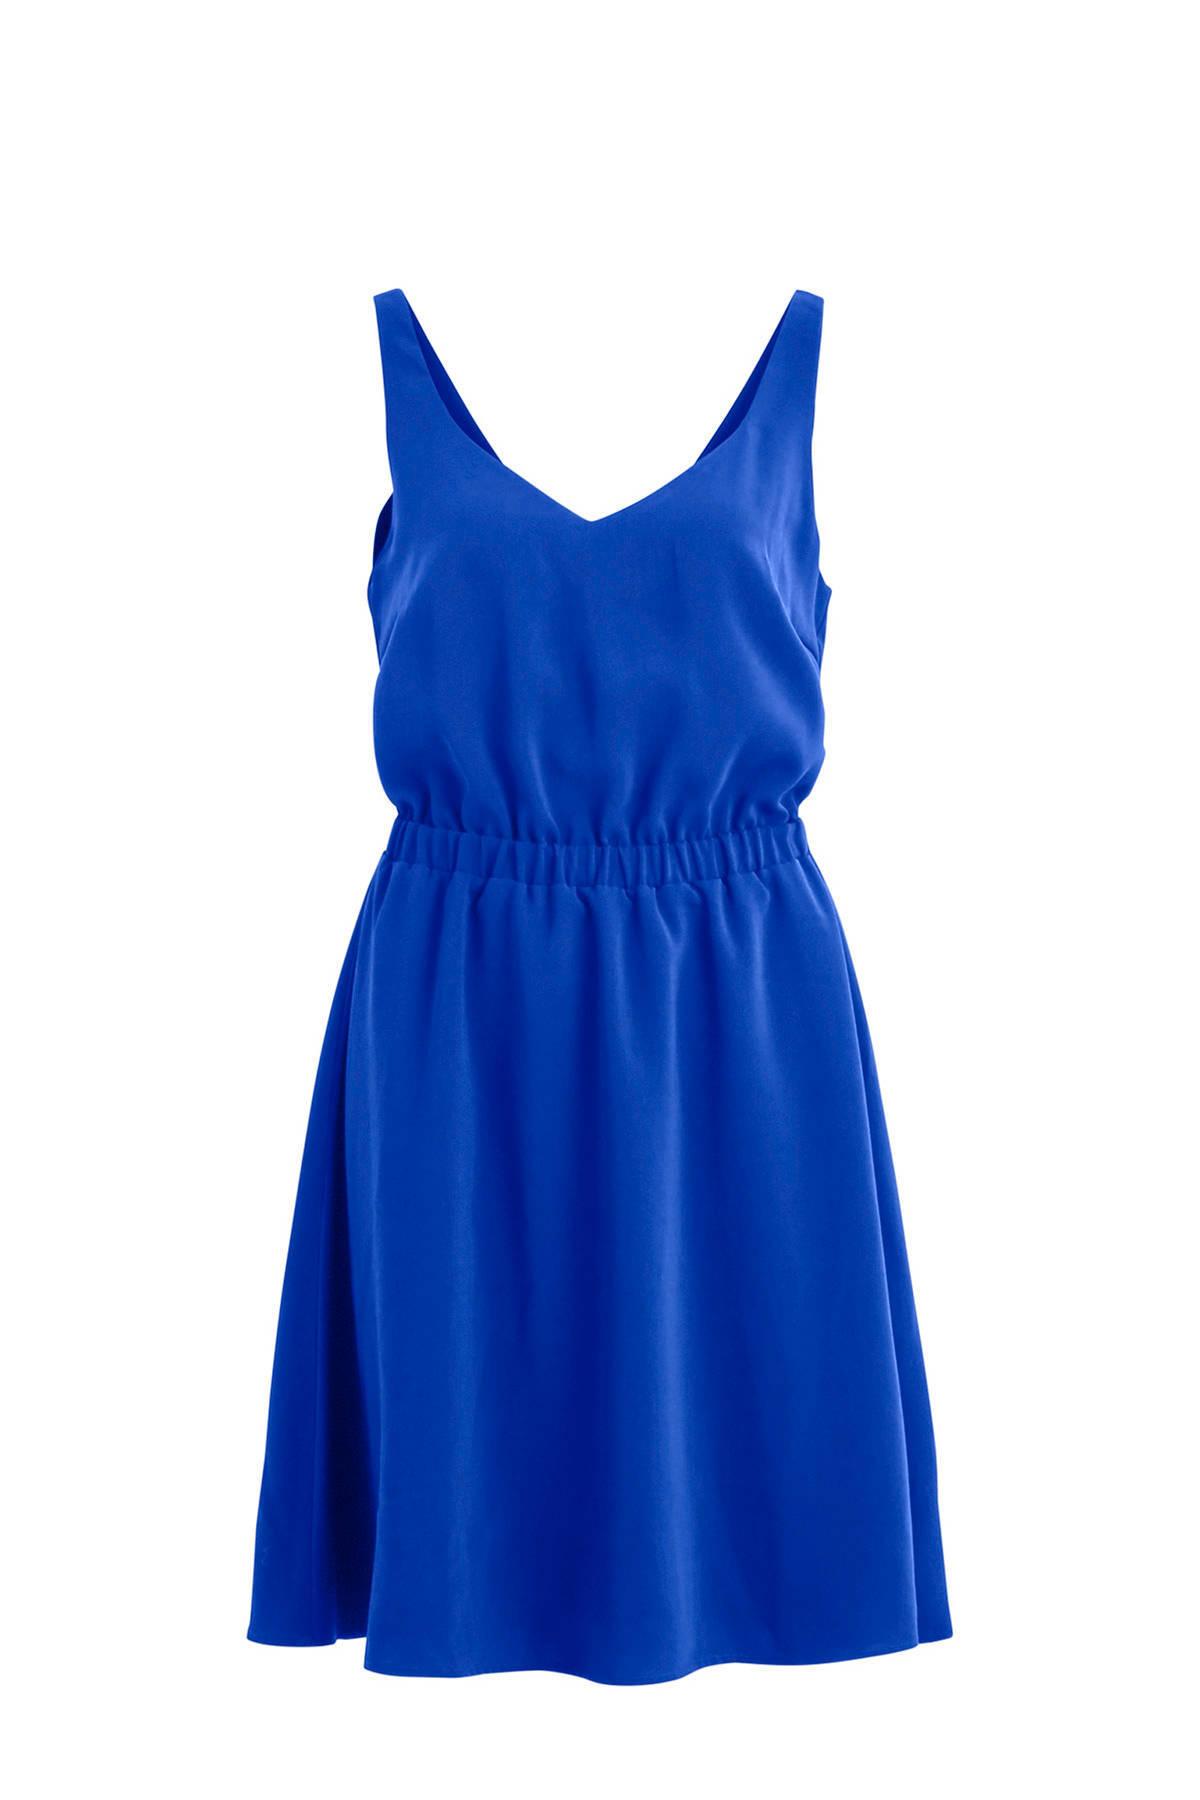 VILA blauw VILA jurk blauw jurk blauw jurk VILA VILA rxrzpqRgw